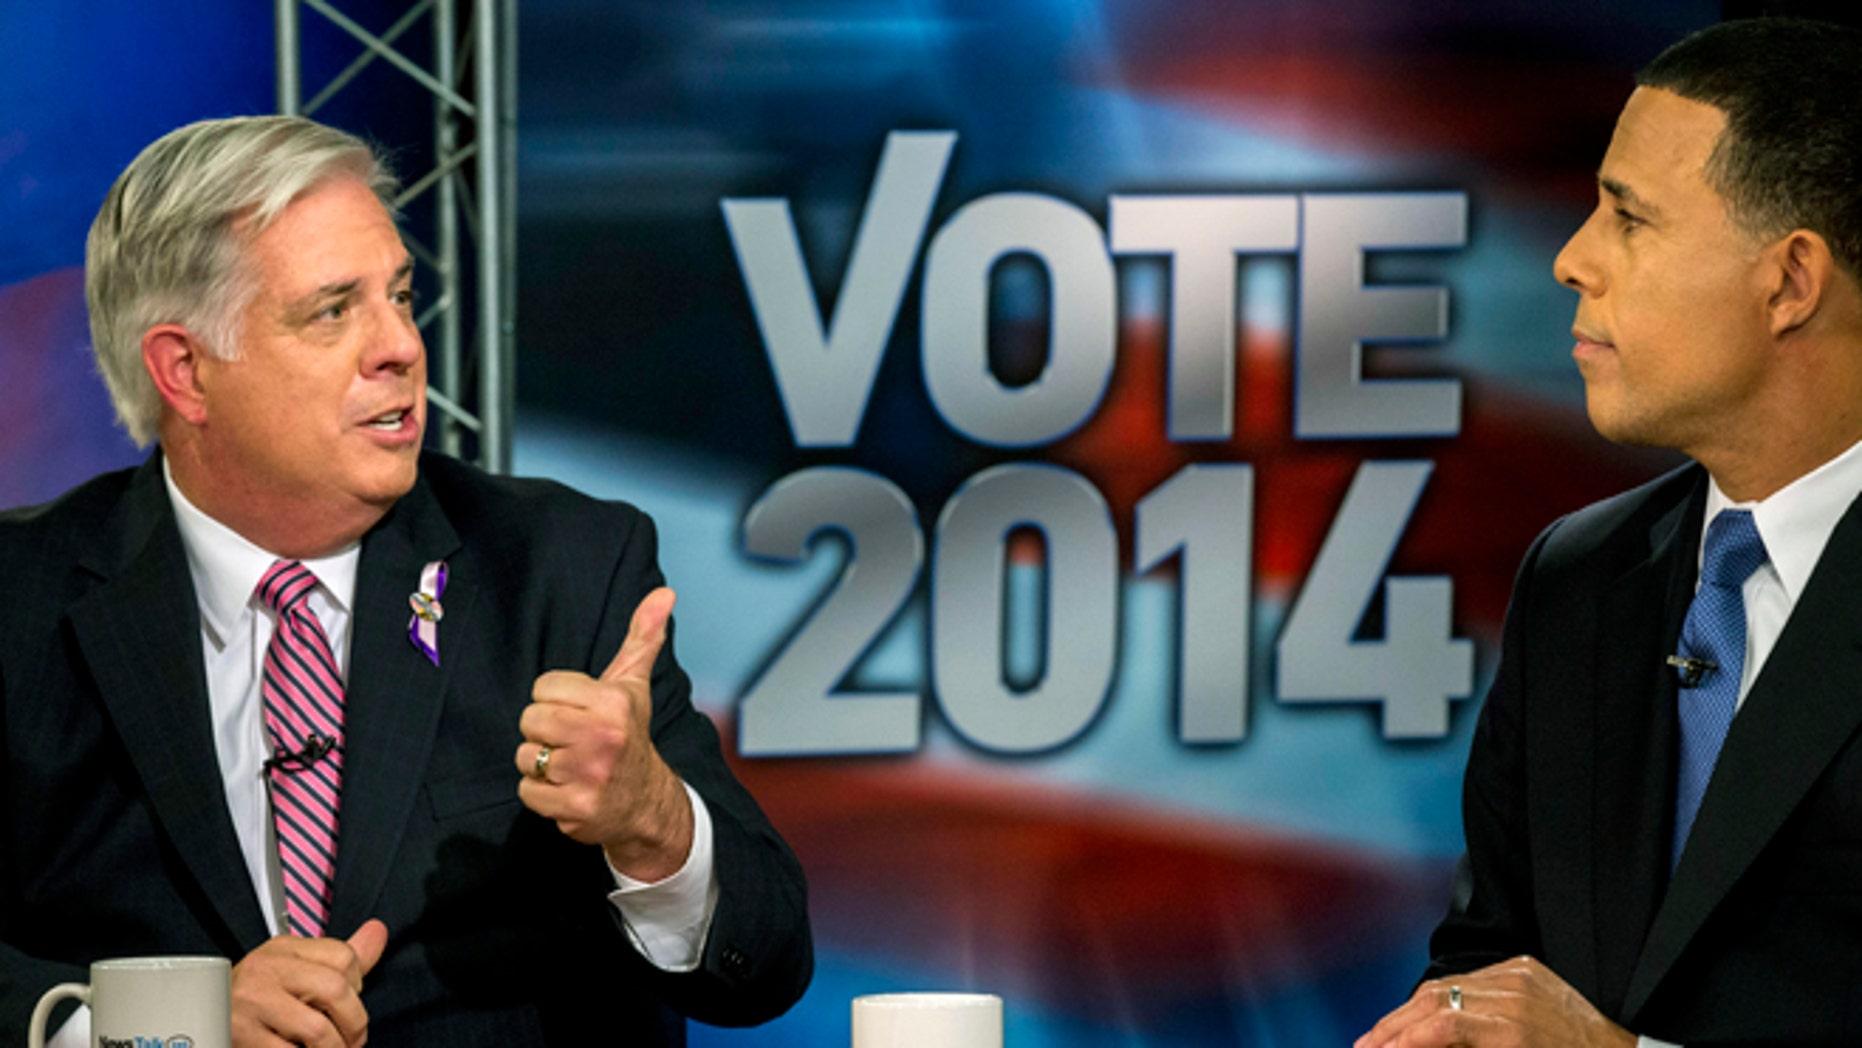 FILE: Oct. 13, 2014: Maryland gubernatorial candidates Larry Hogan, left, and Lt. Gov. Anthony Brown debate in Arlington, Va.